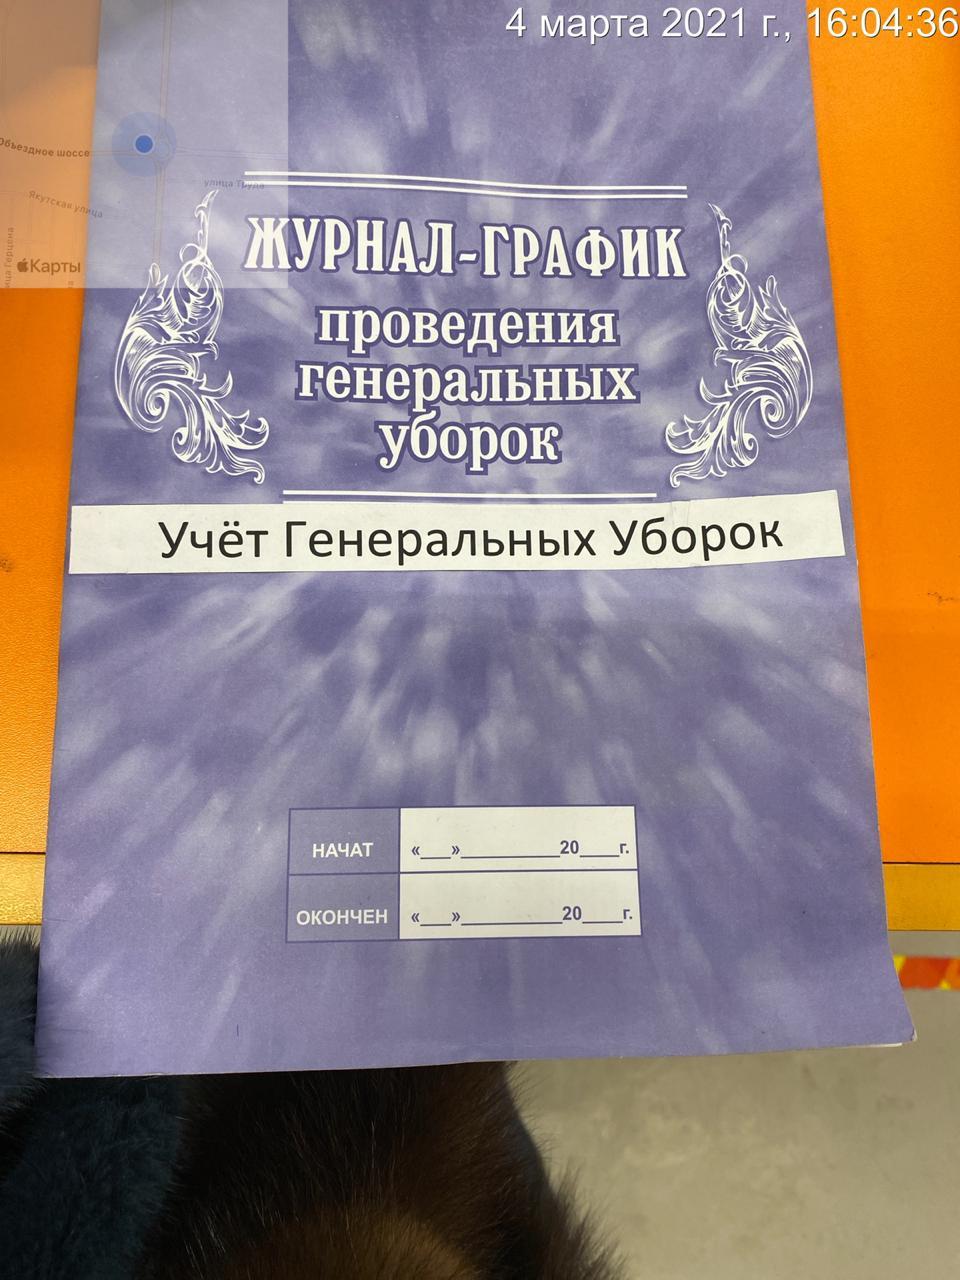 Оперштаб г. Якутска проверил офисы банков и торговые центры